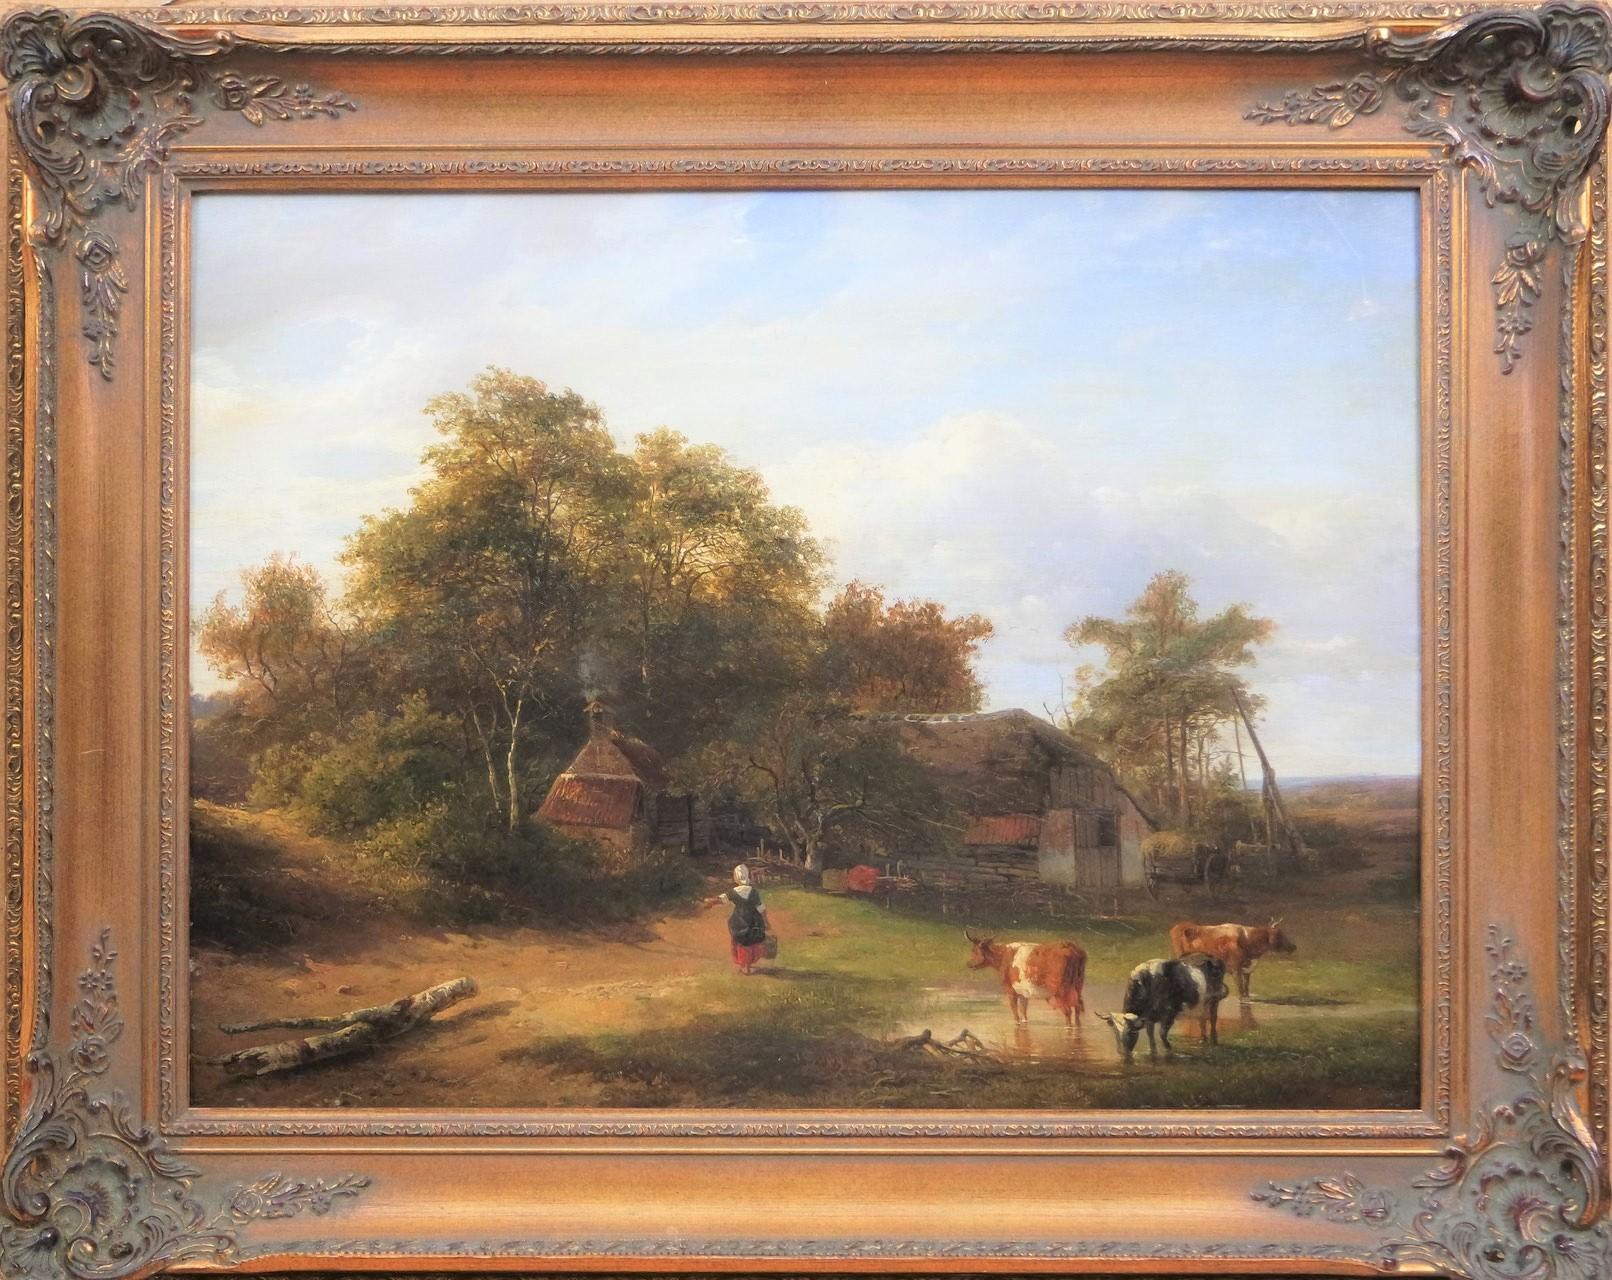 te_koop_aangeboden_een_schilderij_van_de_haagse_school_kunstschilder_willem_roelofs_1822-1897